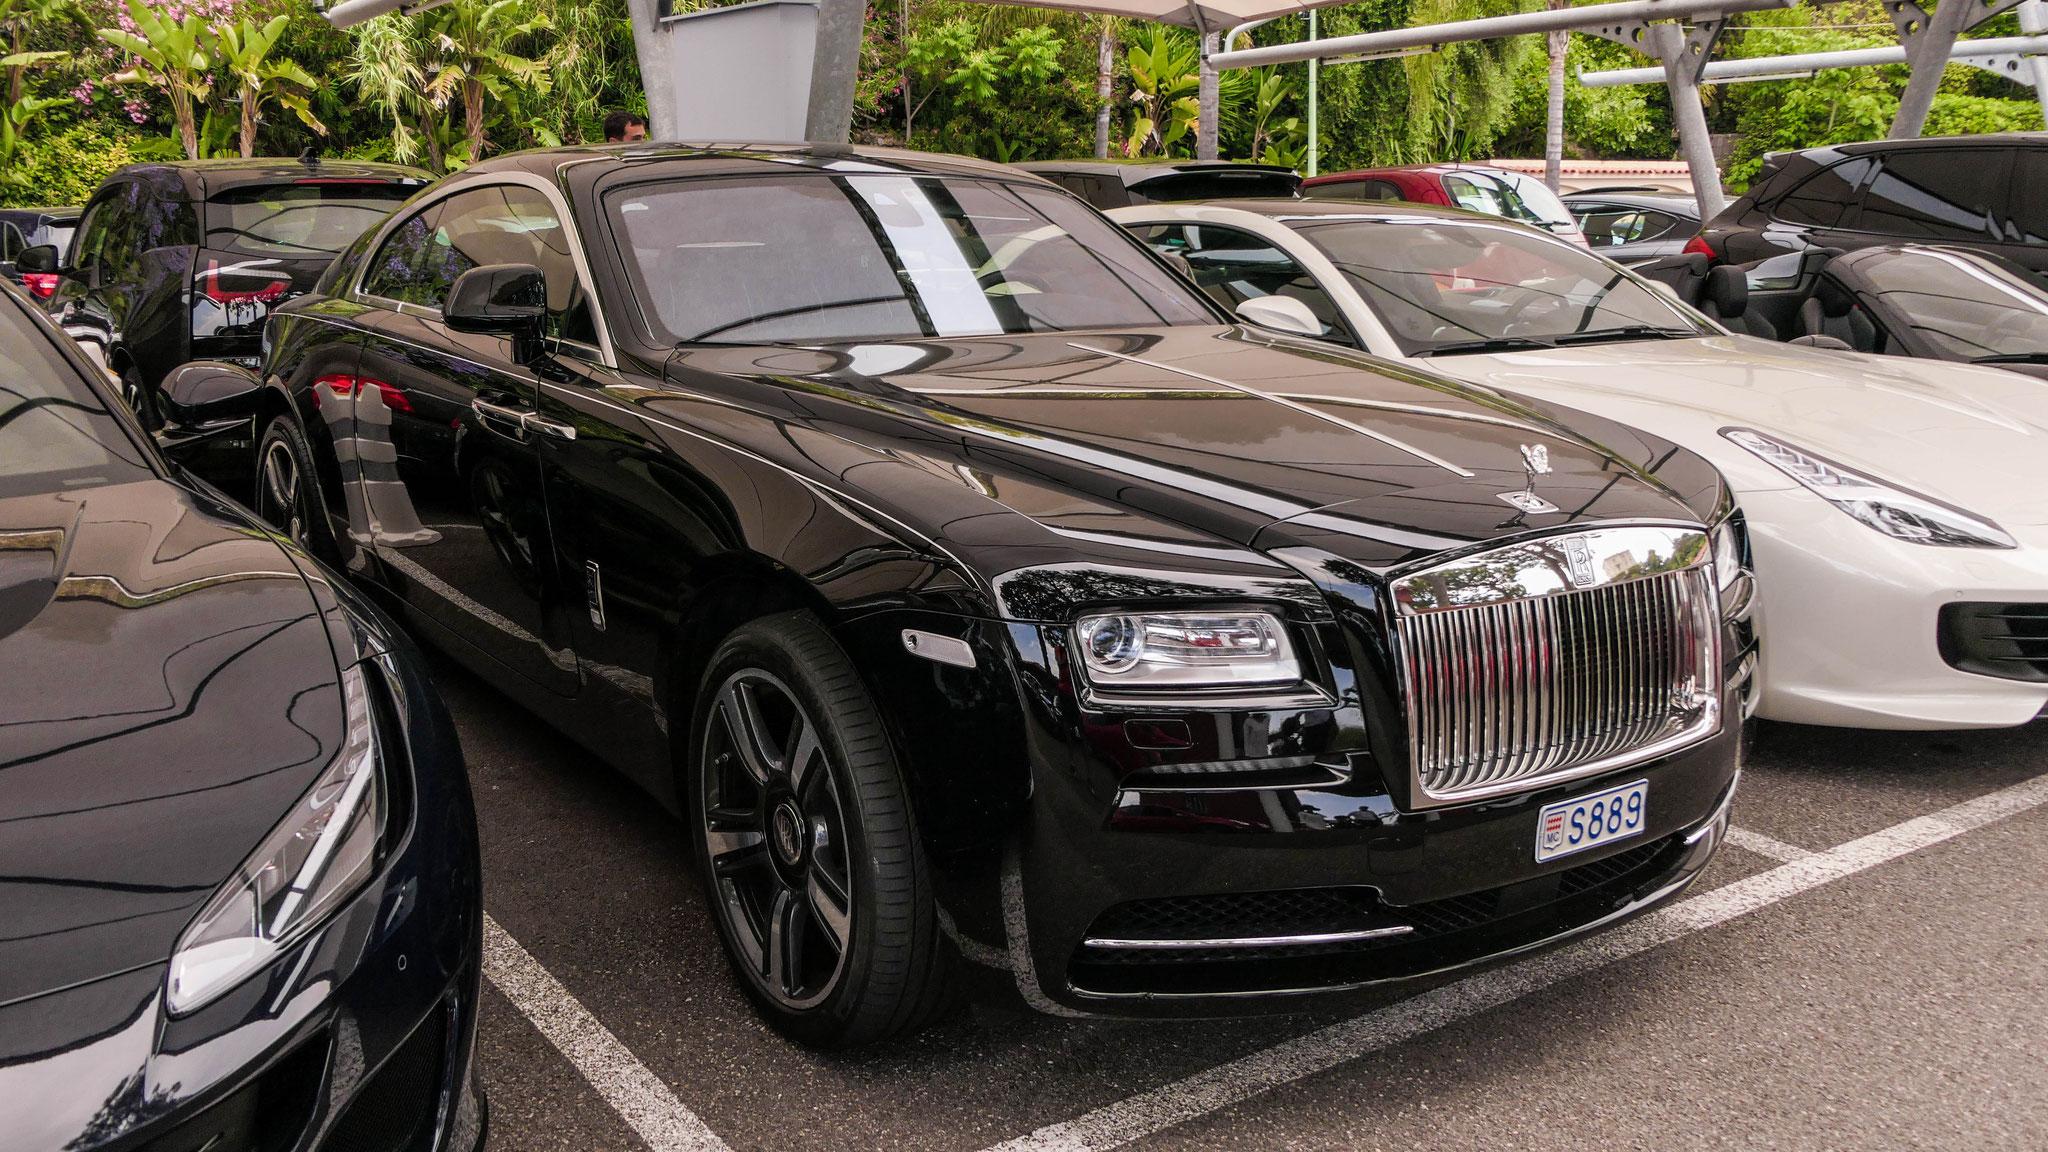 Rolls Royce Wraith - S889 (MC)